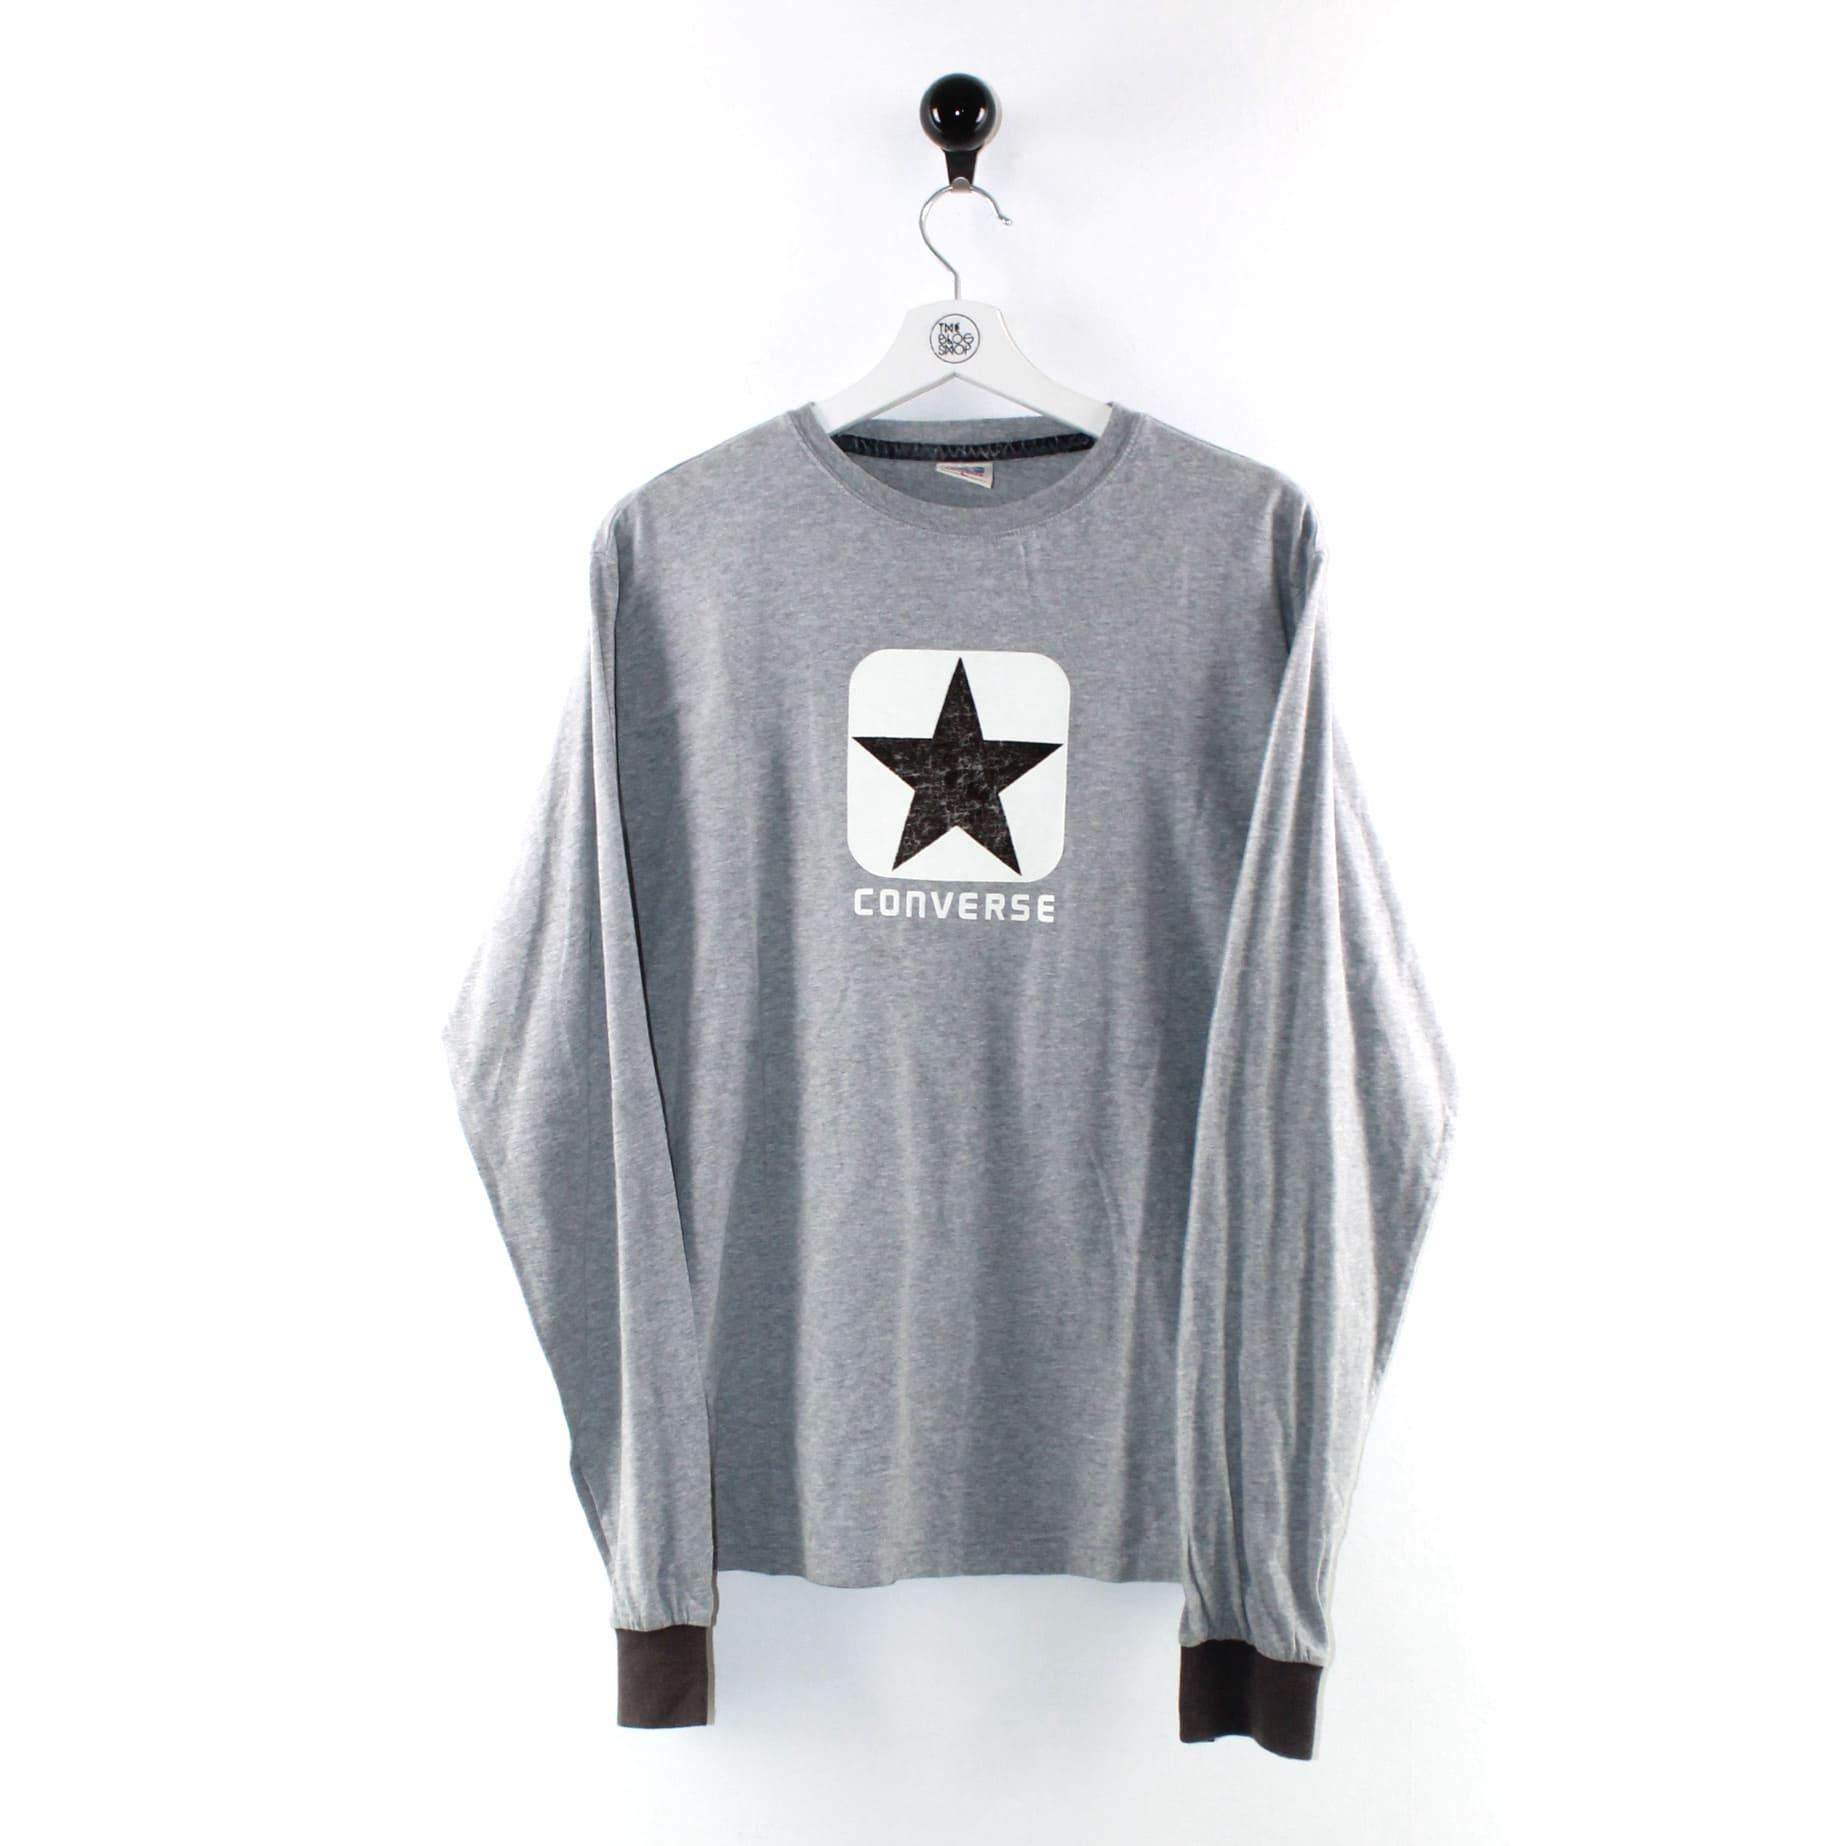 Converse - T-shirt maniche lunghe